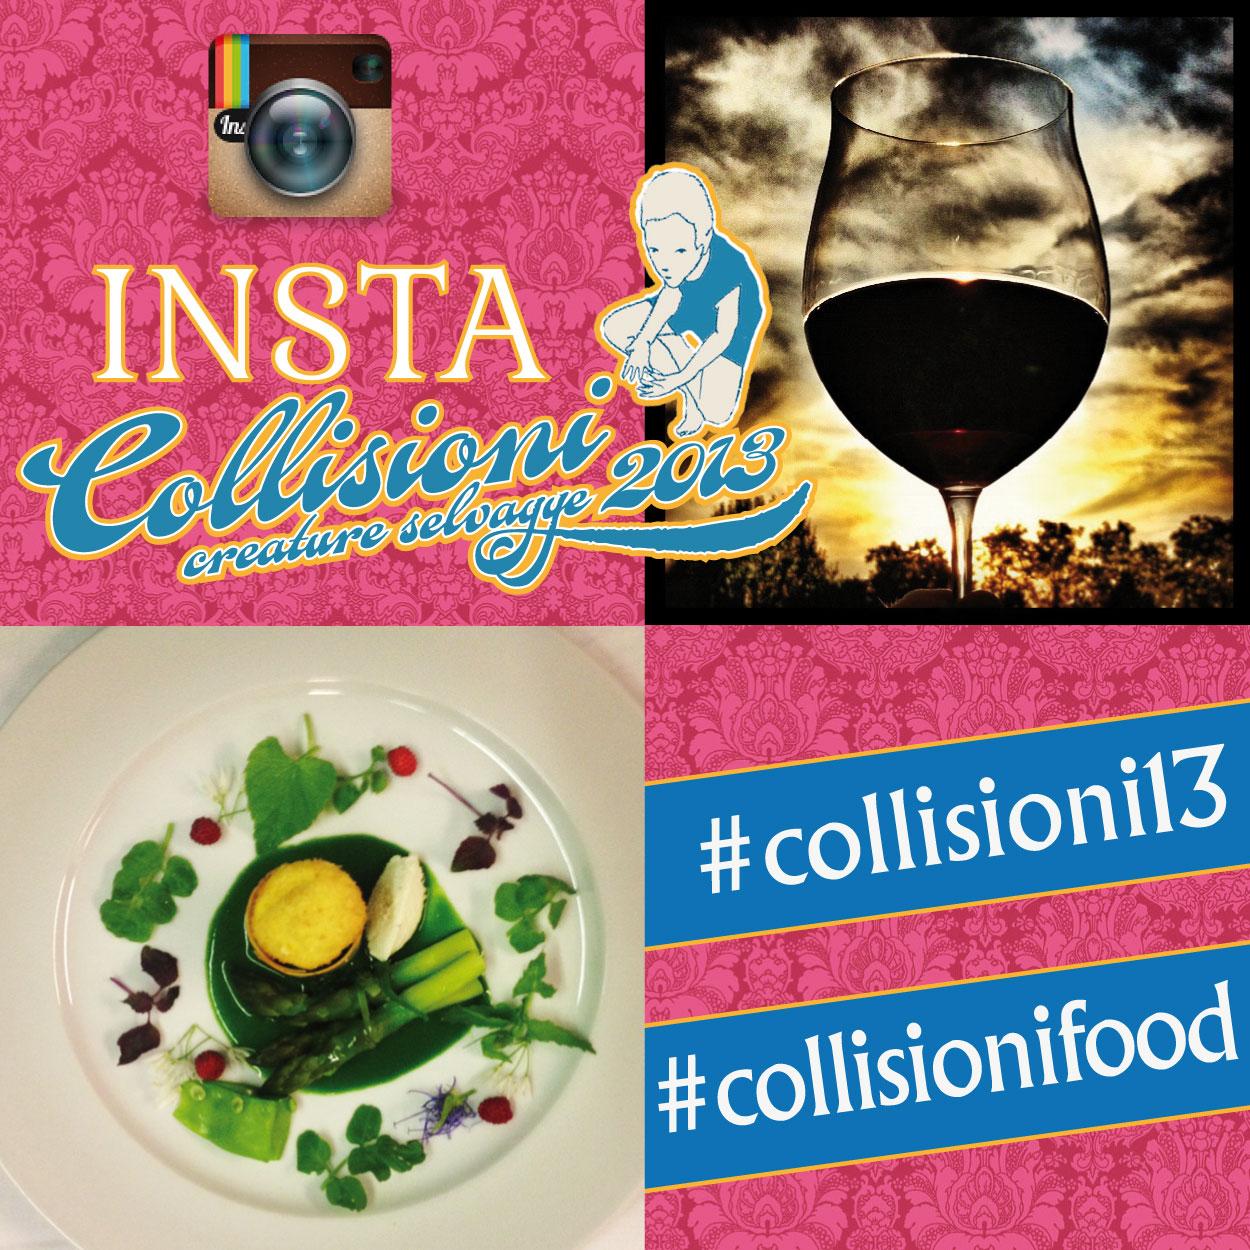 Insta_collisioni_def